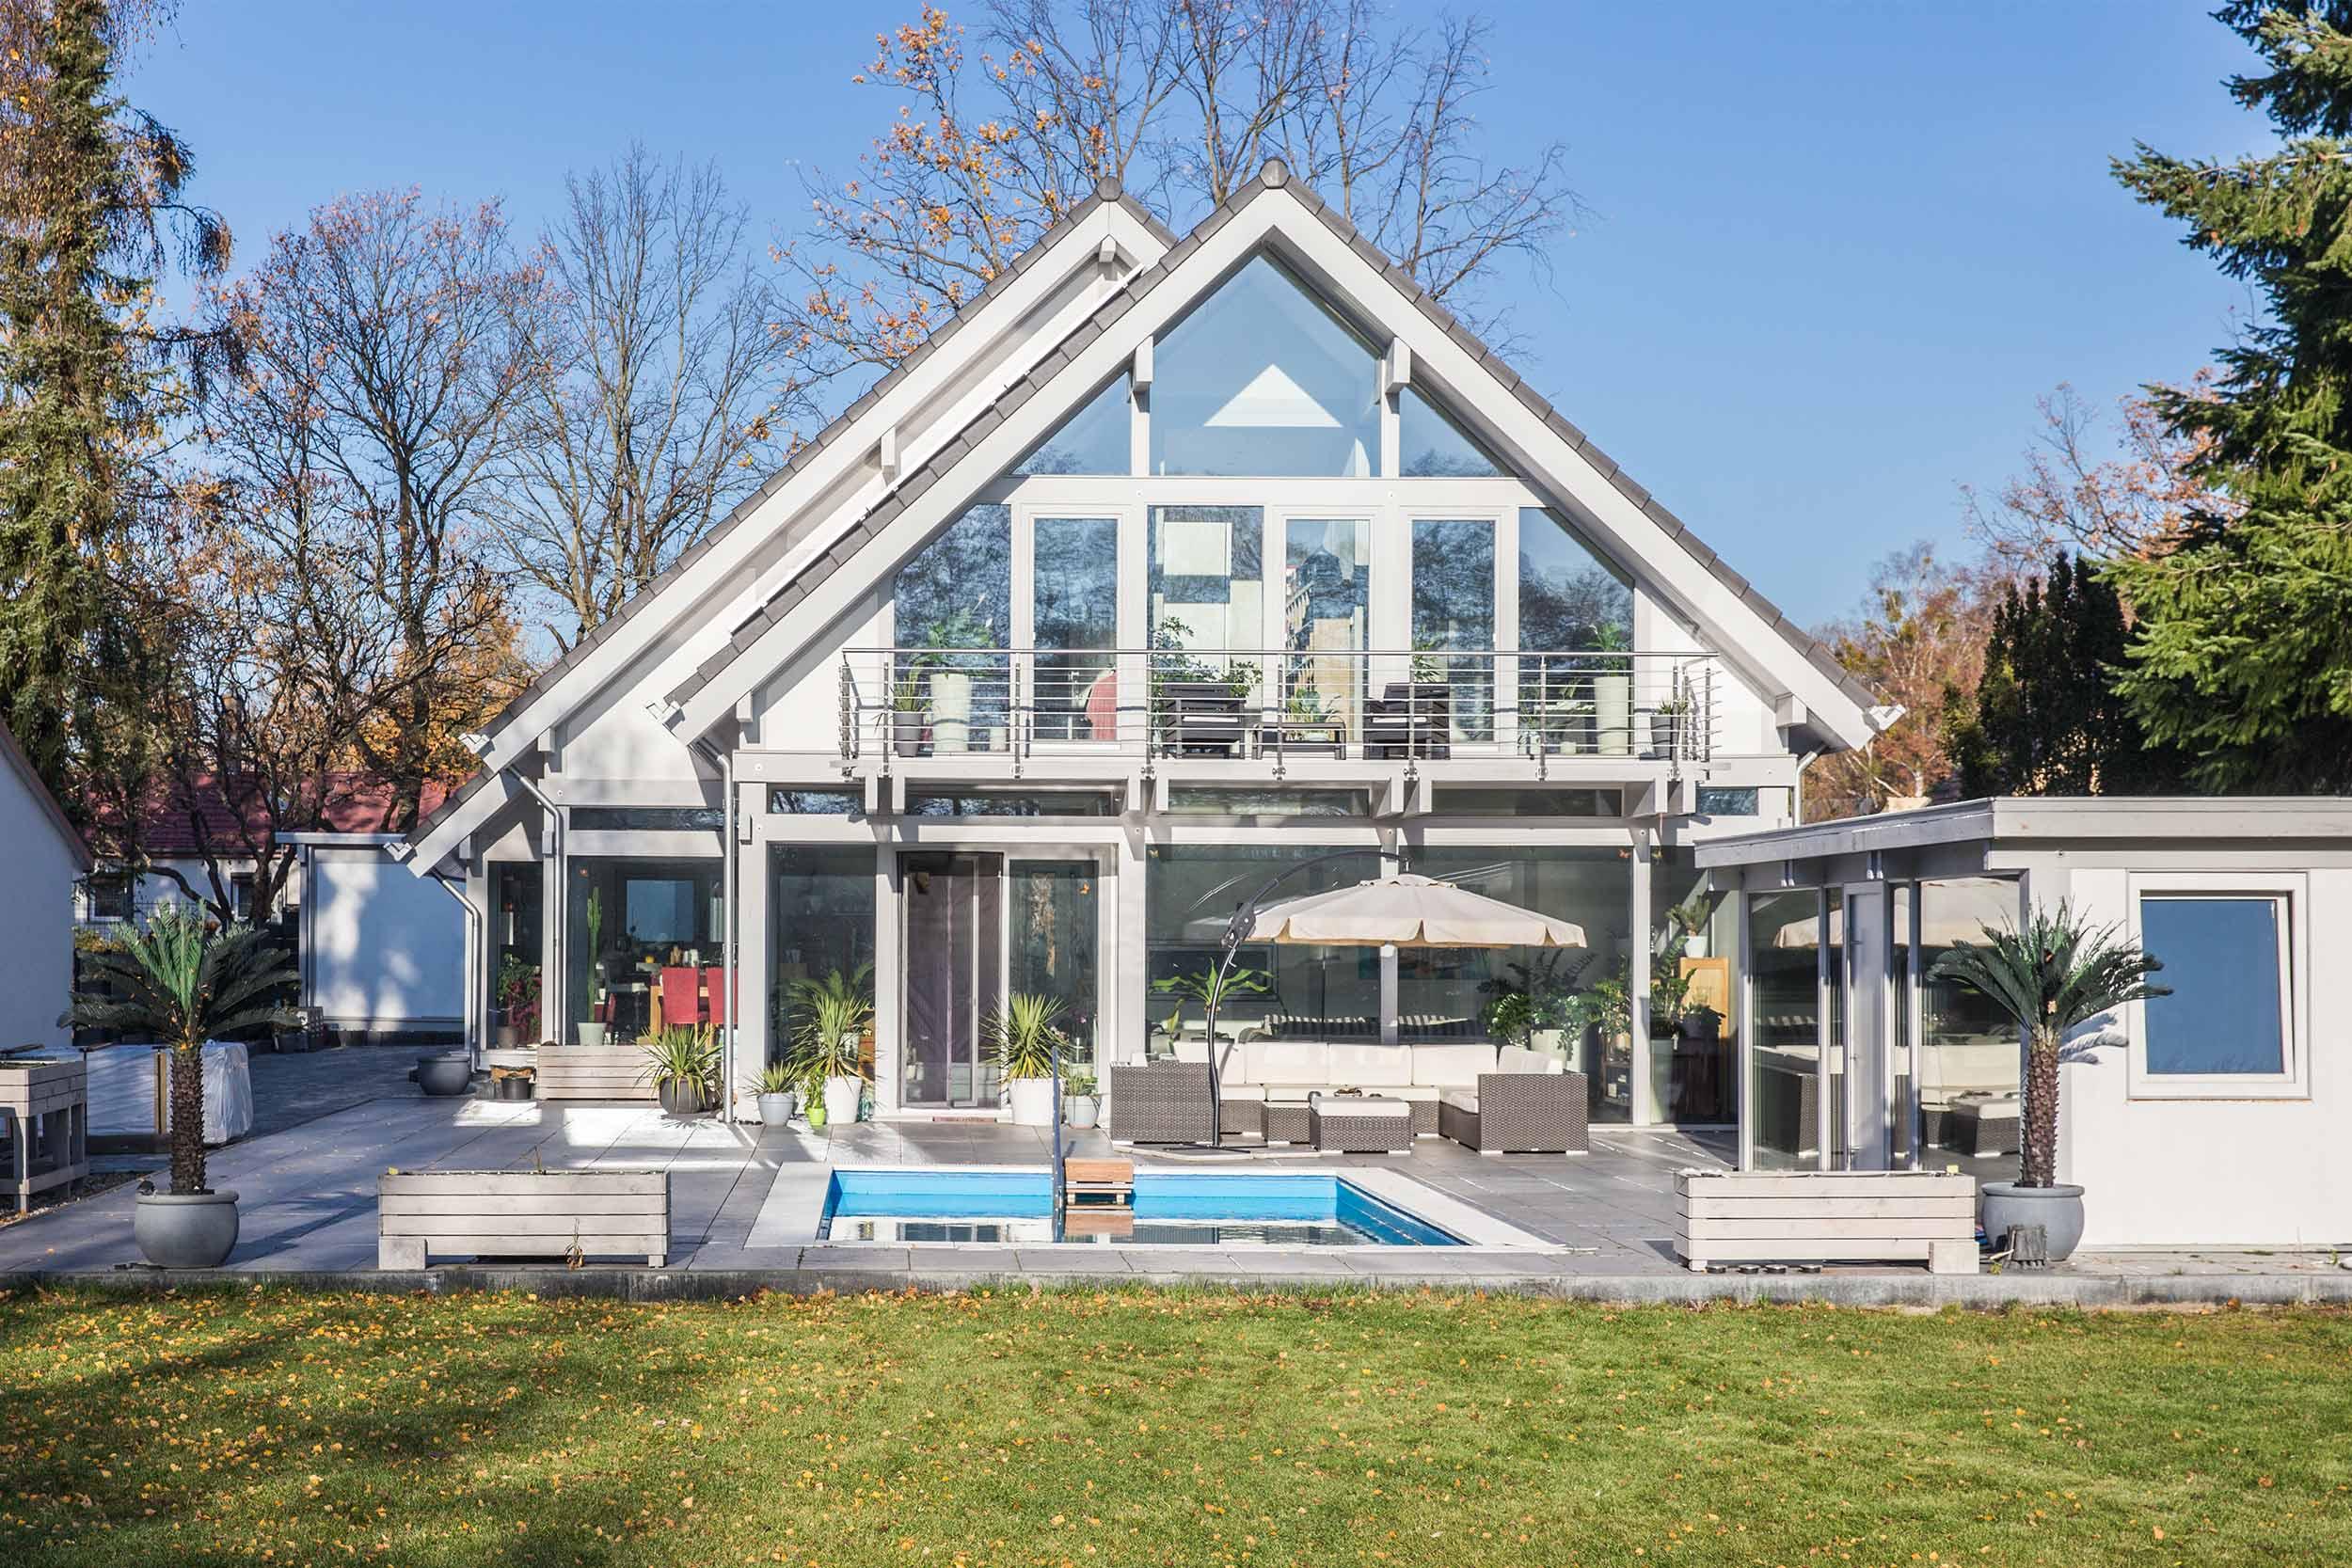 Haus mit Pool, gartenseitig